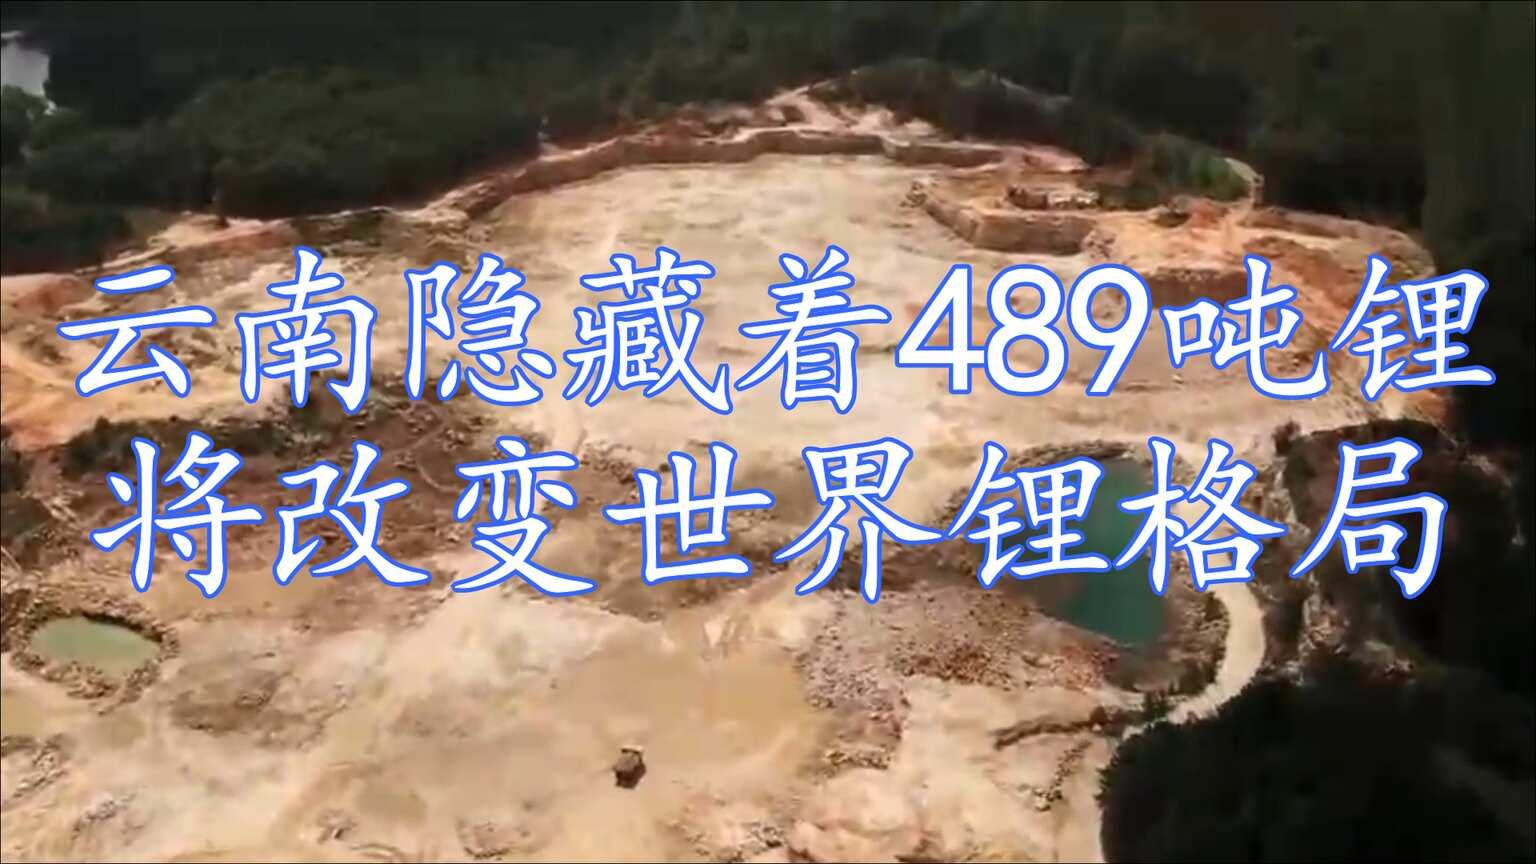 云南隐藏着489吨锂?将改变世界锂格局